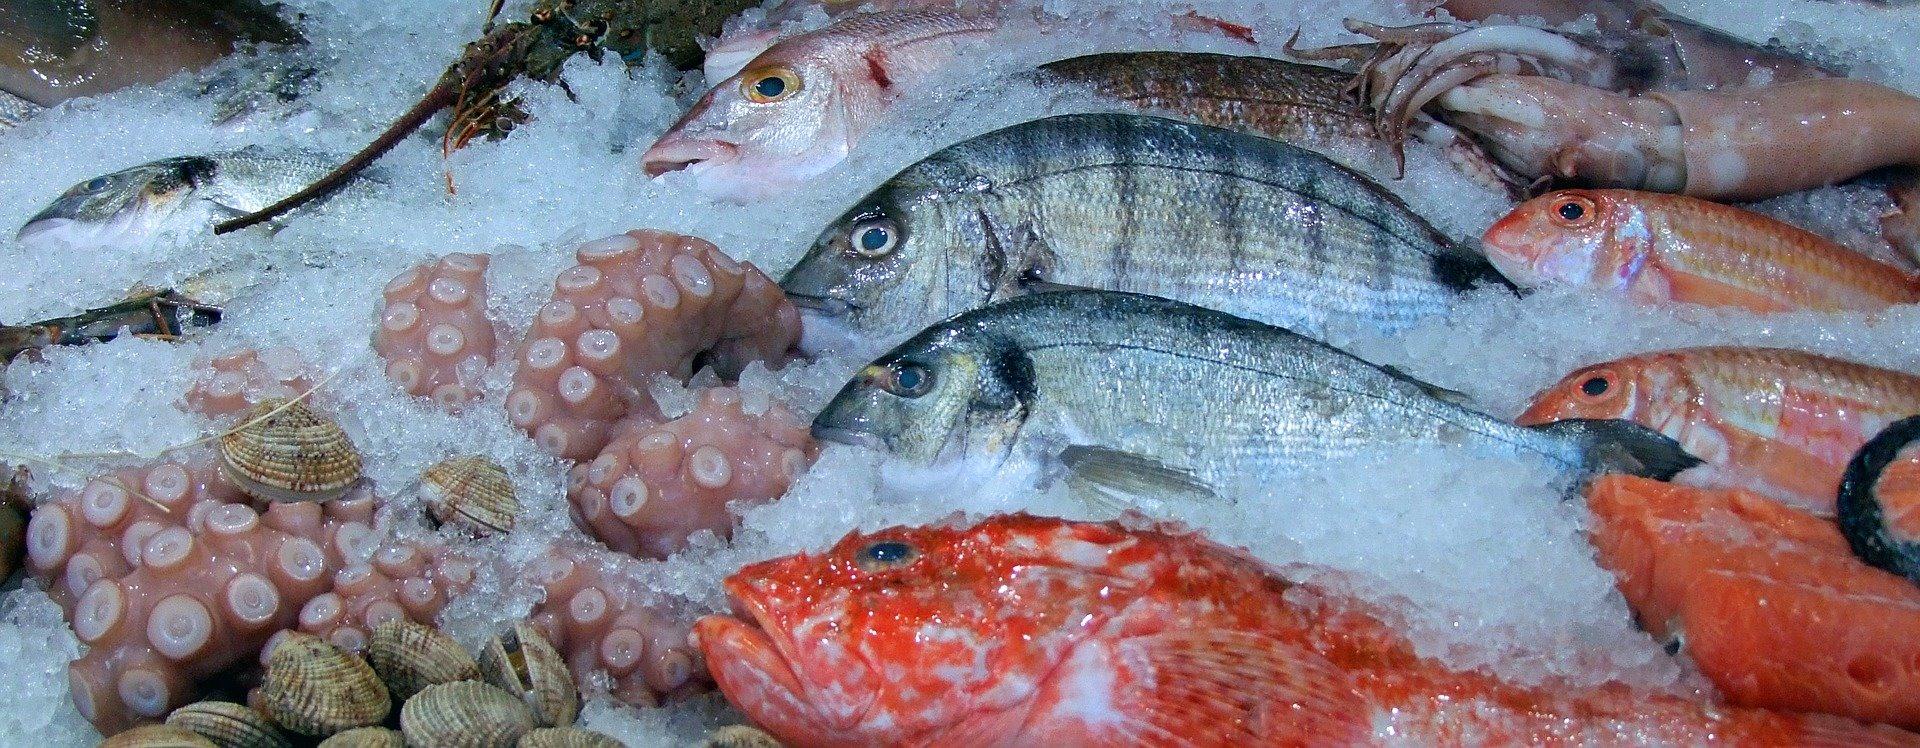 Regolamentazioni antifrode per i prodotti ittici